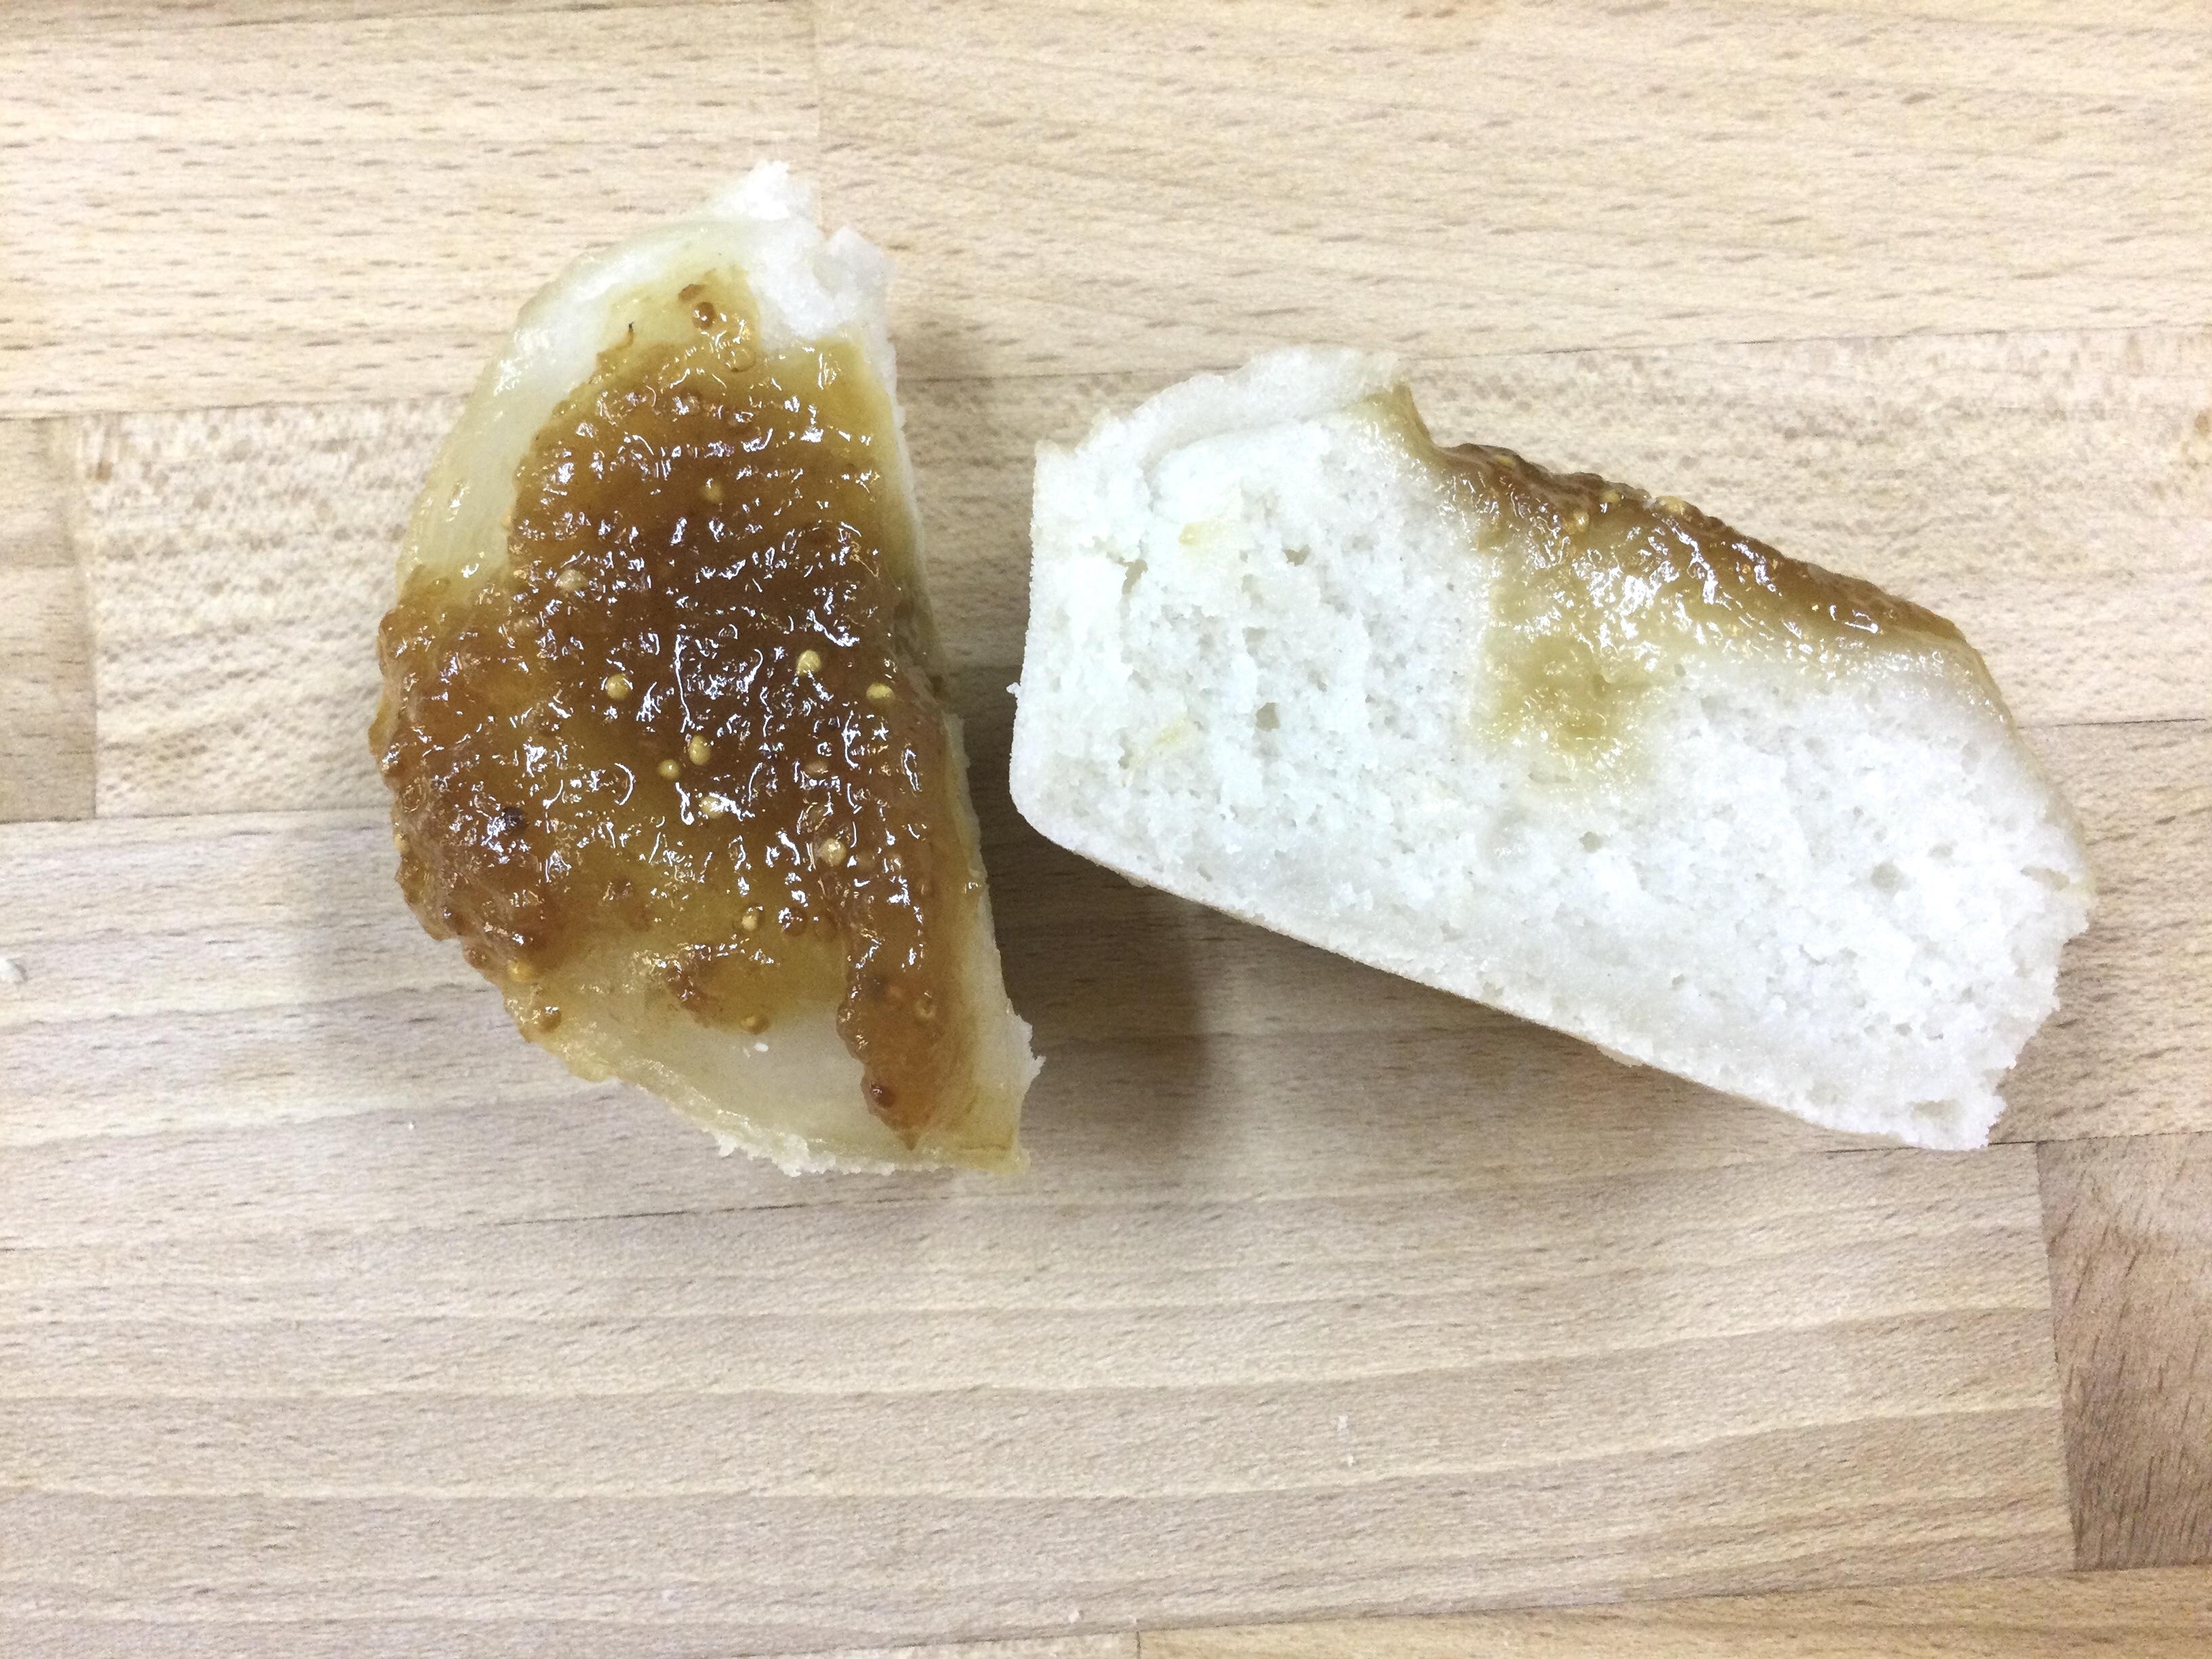 【商品情報】生もち米粉蒸しパンとアールグレイ、大変好評です☺️